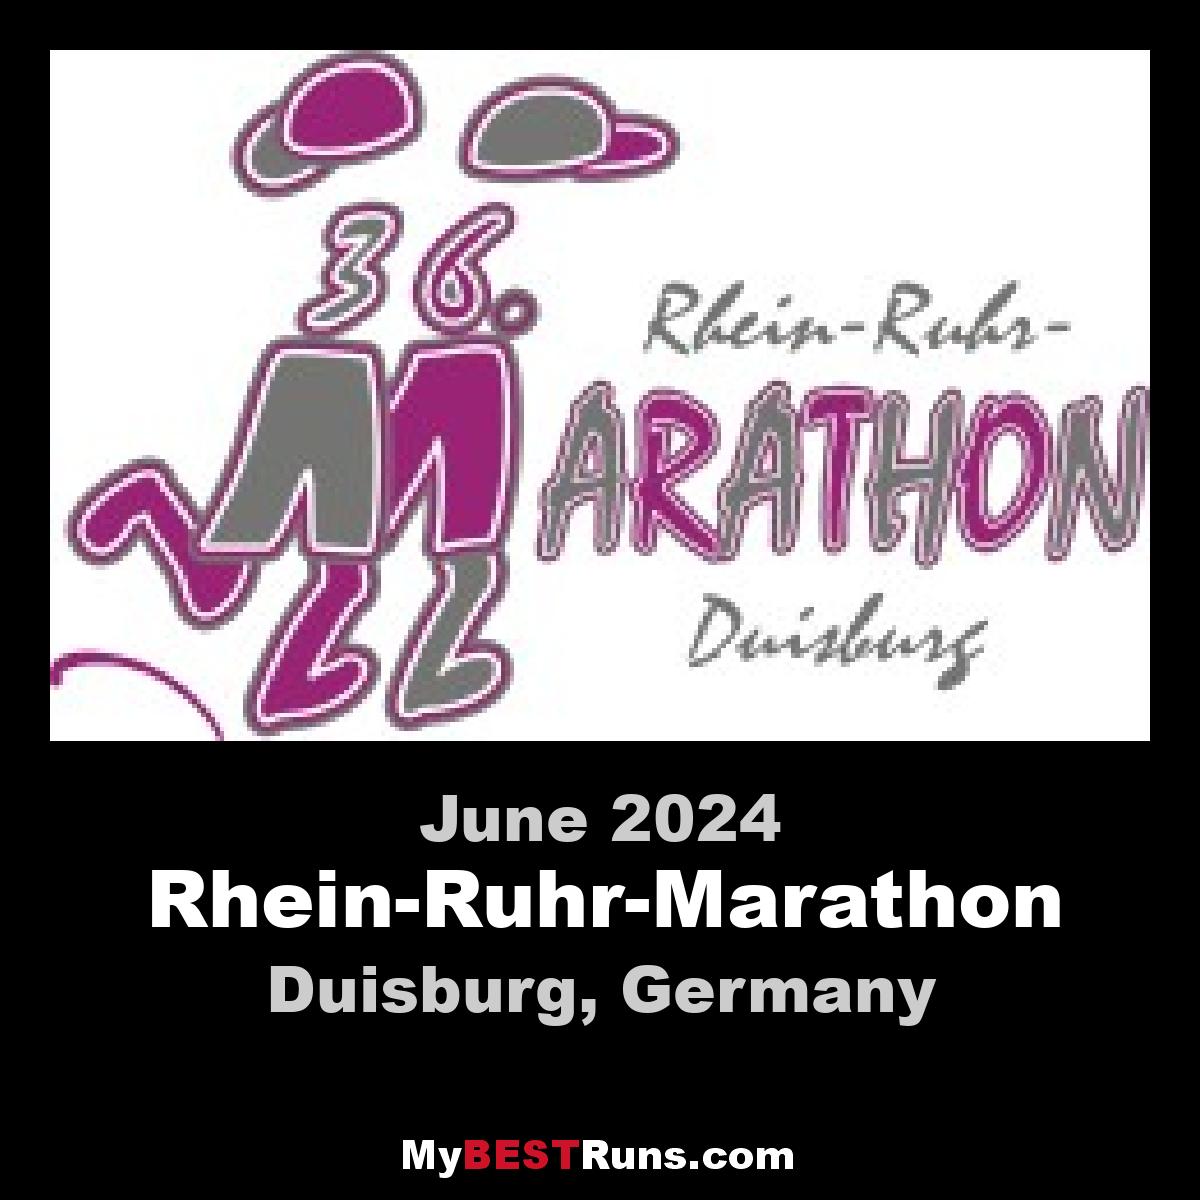 Rhein-Ruhr-Marathon